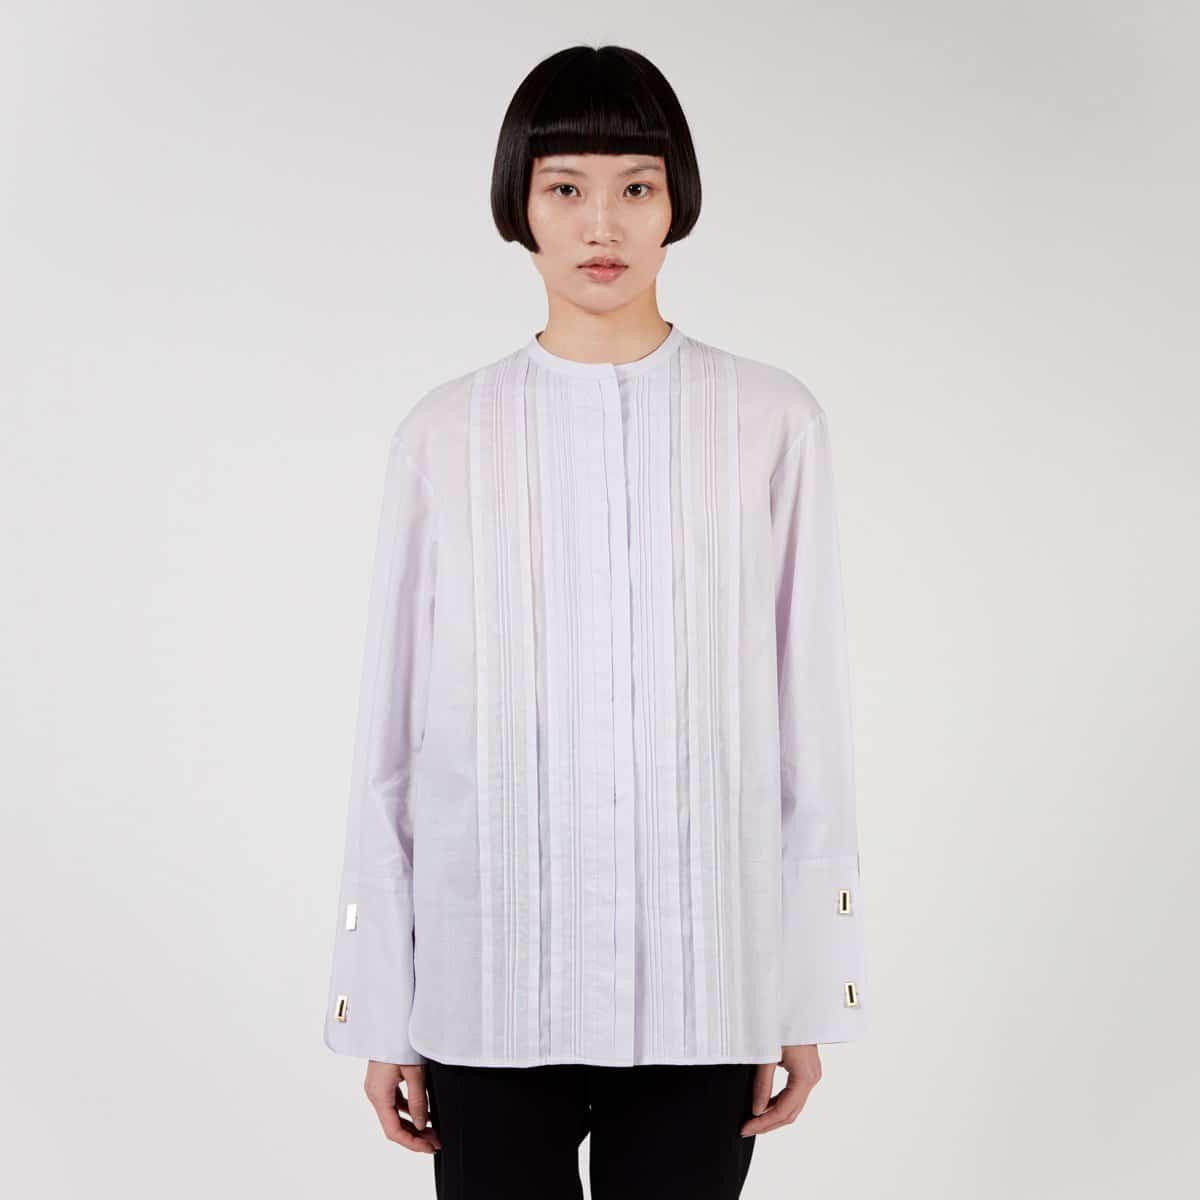 Taiga Takahashi Calypso Shirt